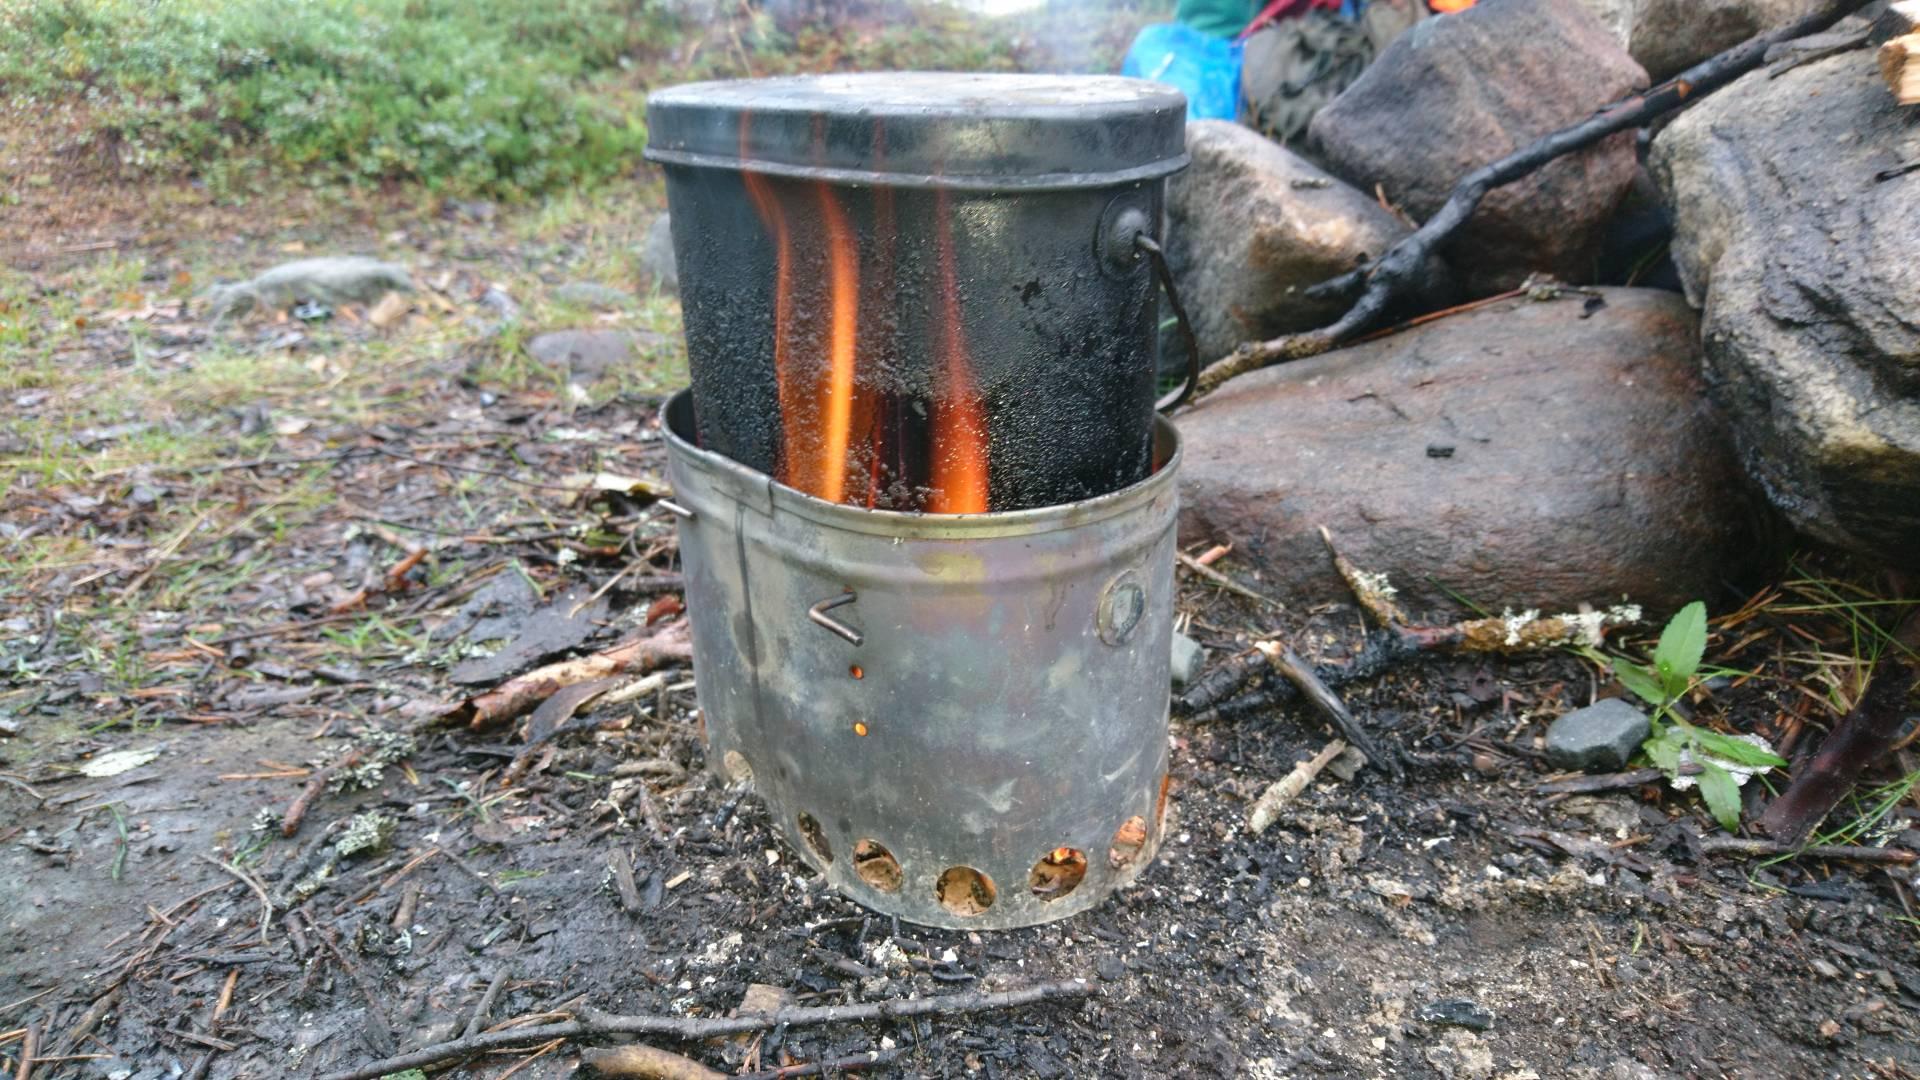 Походная печь своими руками: размеры и чертежи печки-щепотницы и ракетной печи. как сделать печь на дровах из профильной трубы?